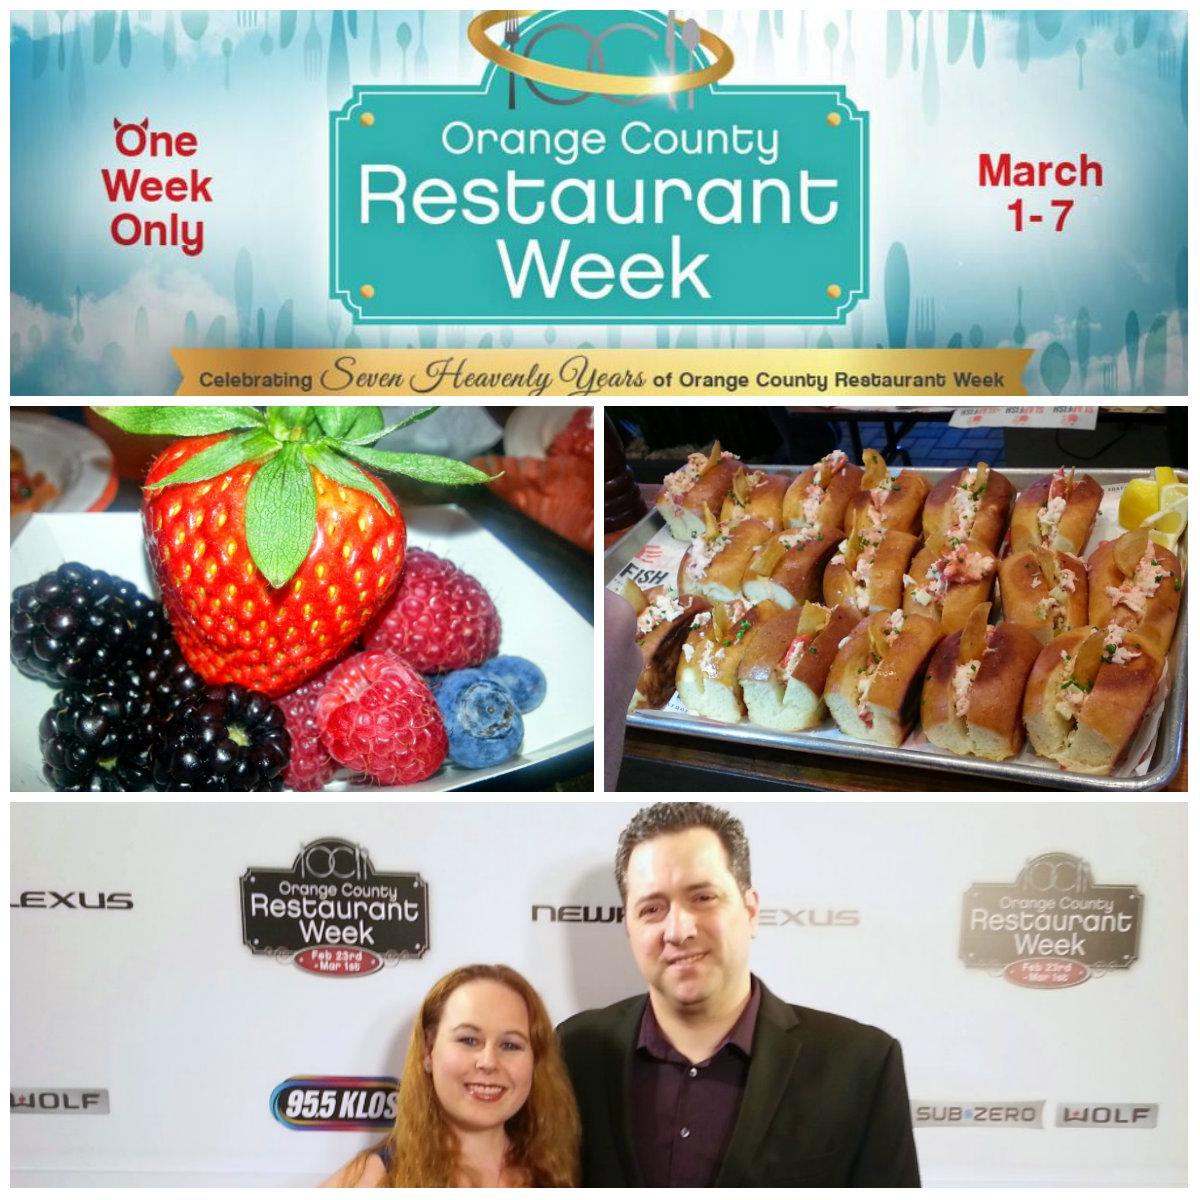 OC Restaurant week, Orange county restaurant week, prix fixe menus